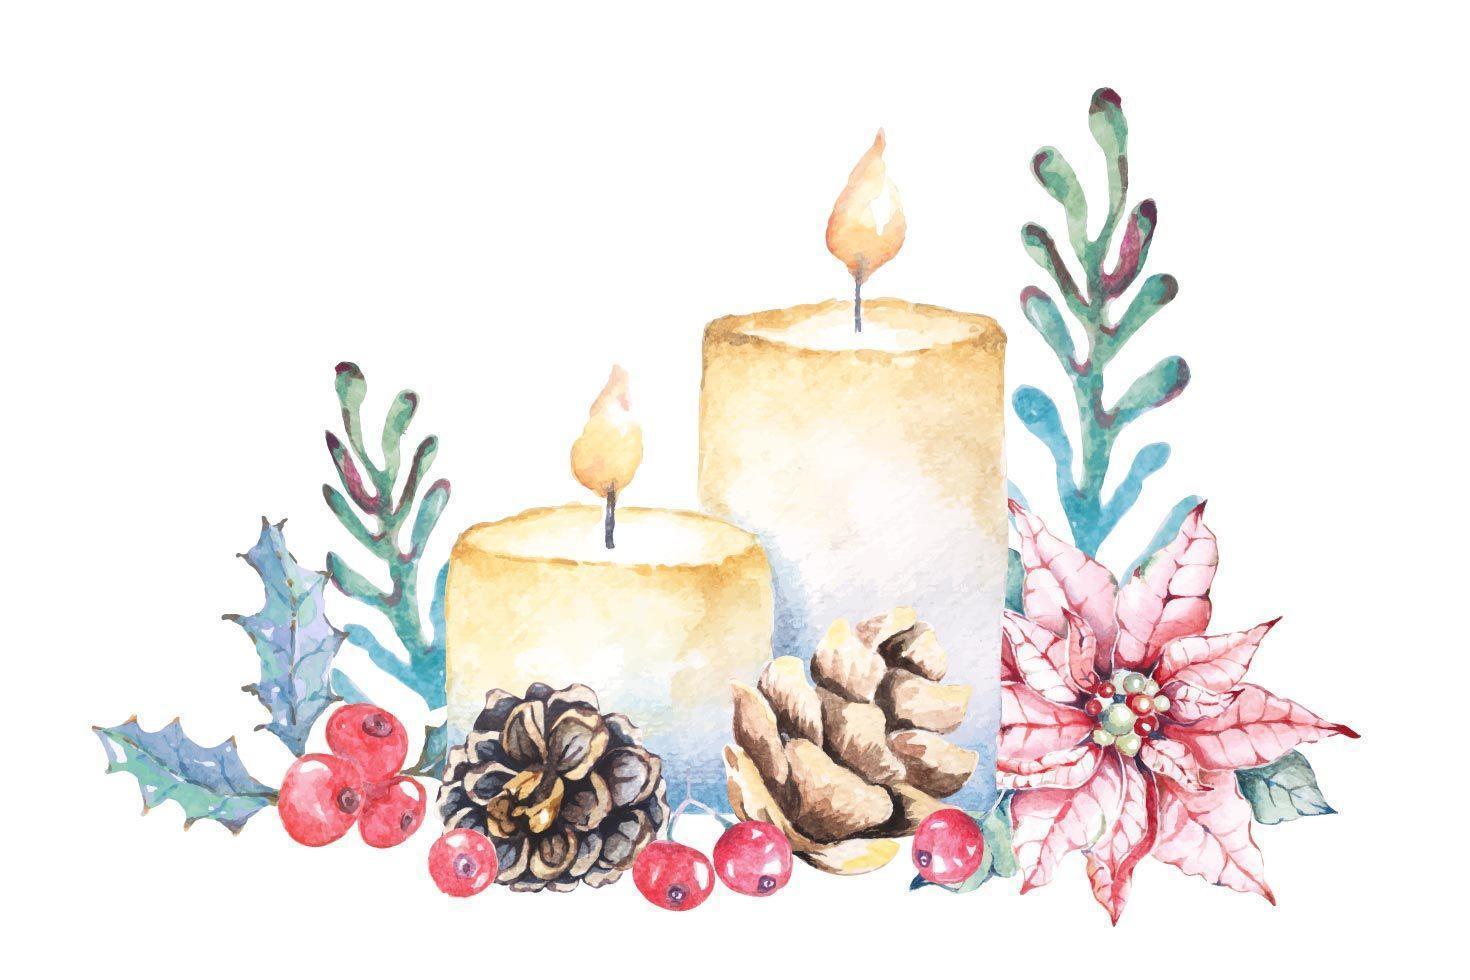 composition de bougies de noël aquarelle vecteur